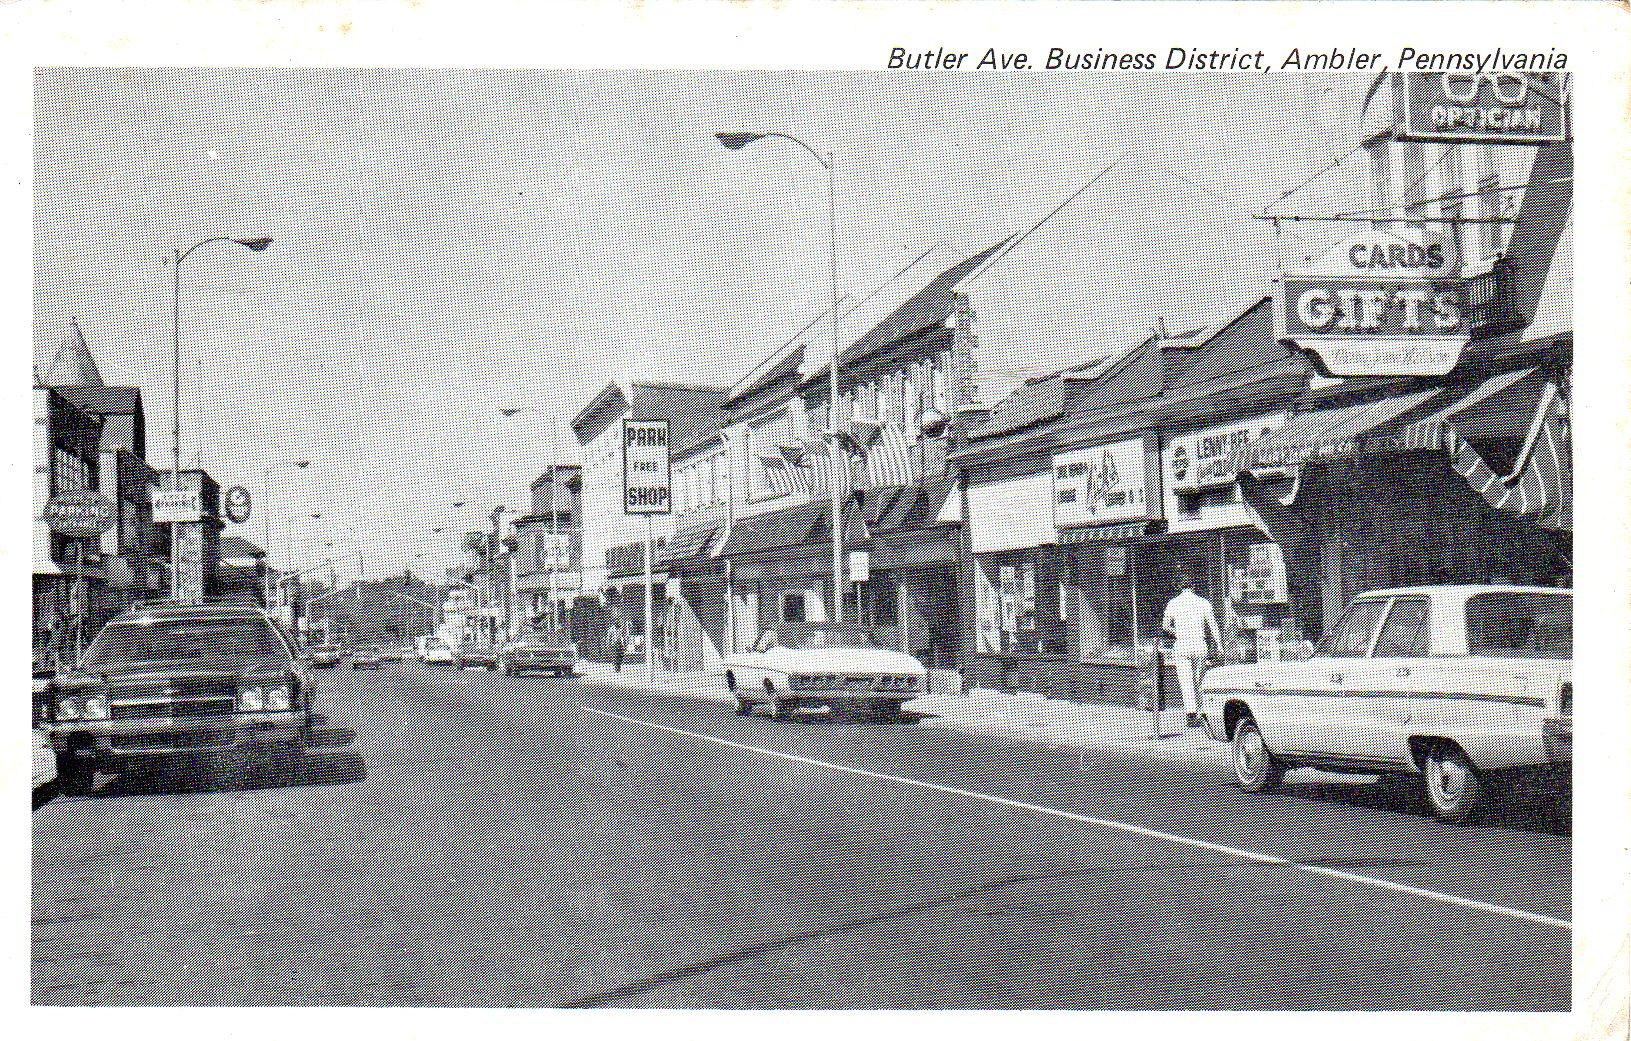 Post Card Collection (E Simon)_2682_03_Butler Ave, Business District, Ambler, Pa_18 Jun 1973